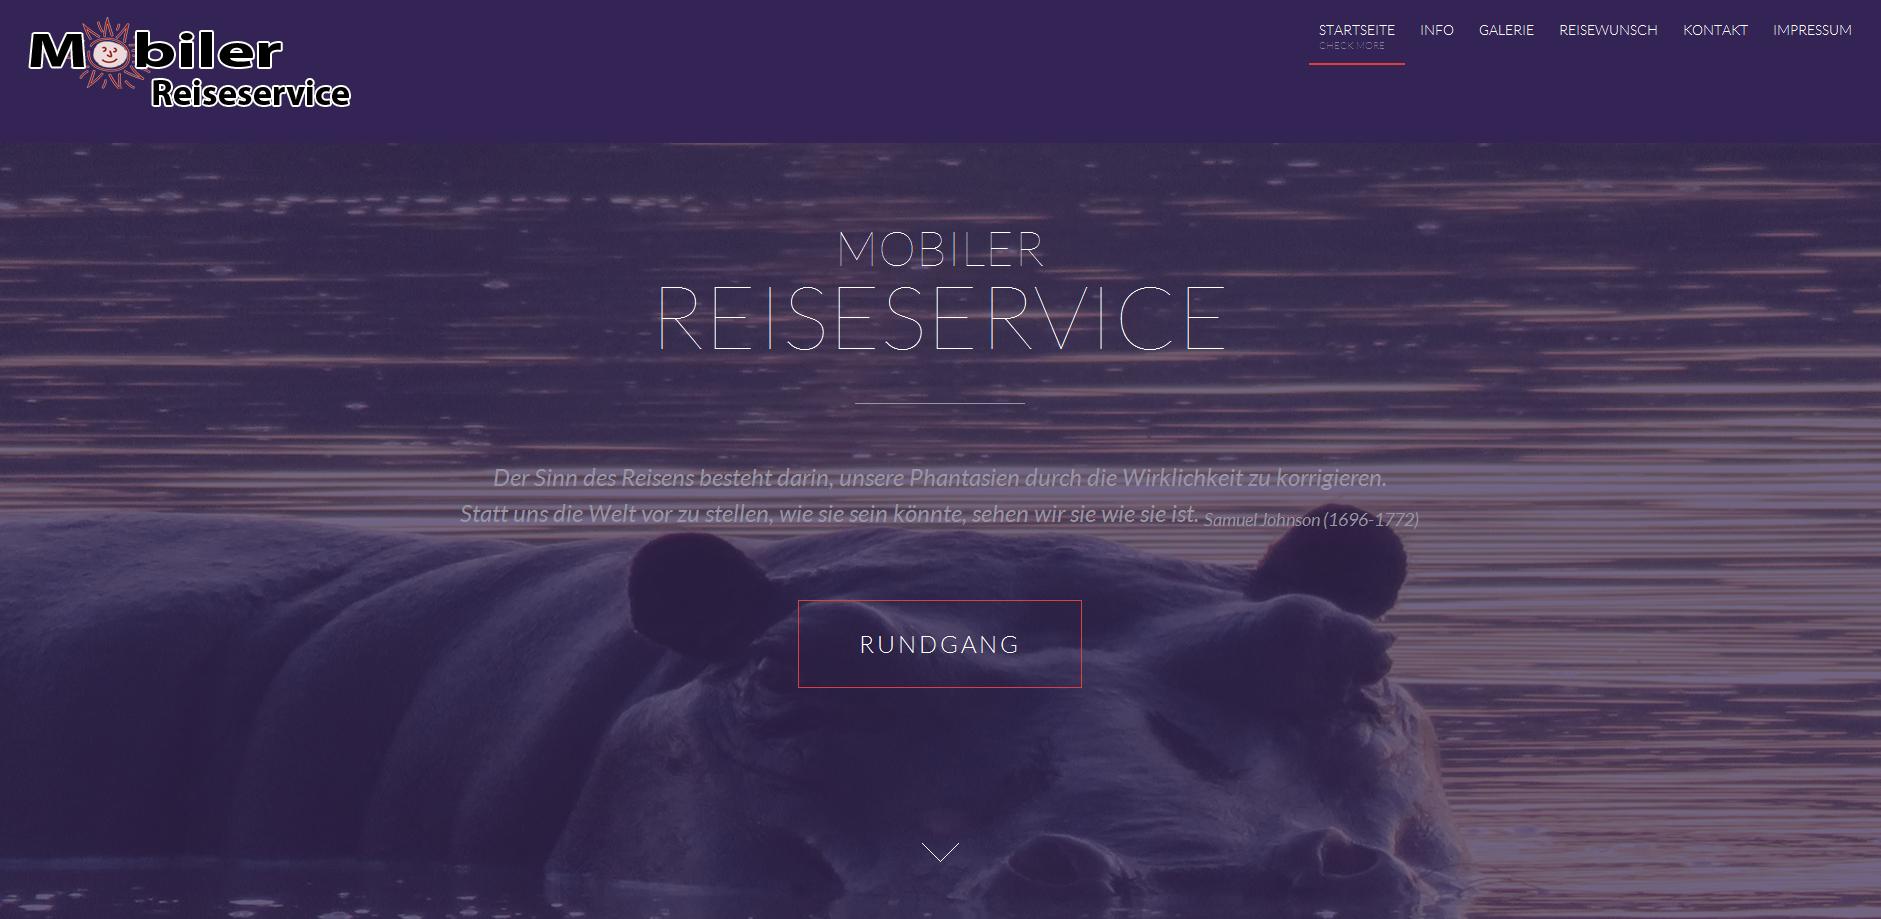 Relaunch Mobiler Reiseservice – Barbara Rempfer